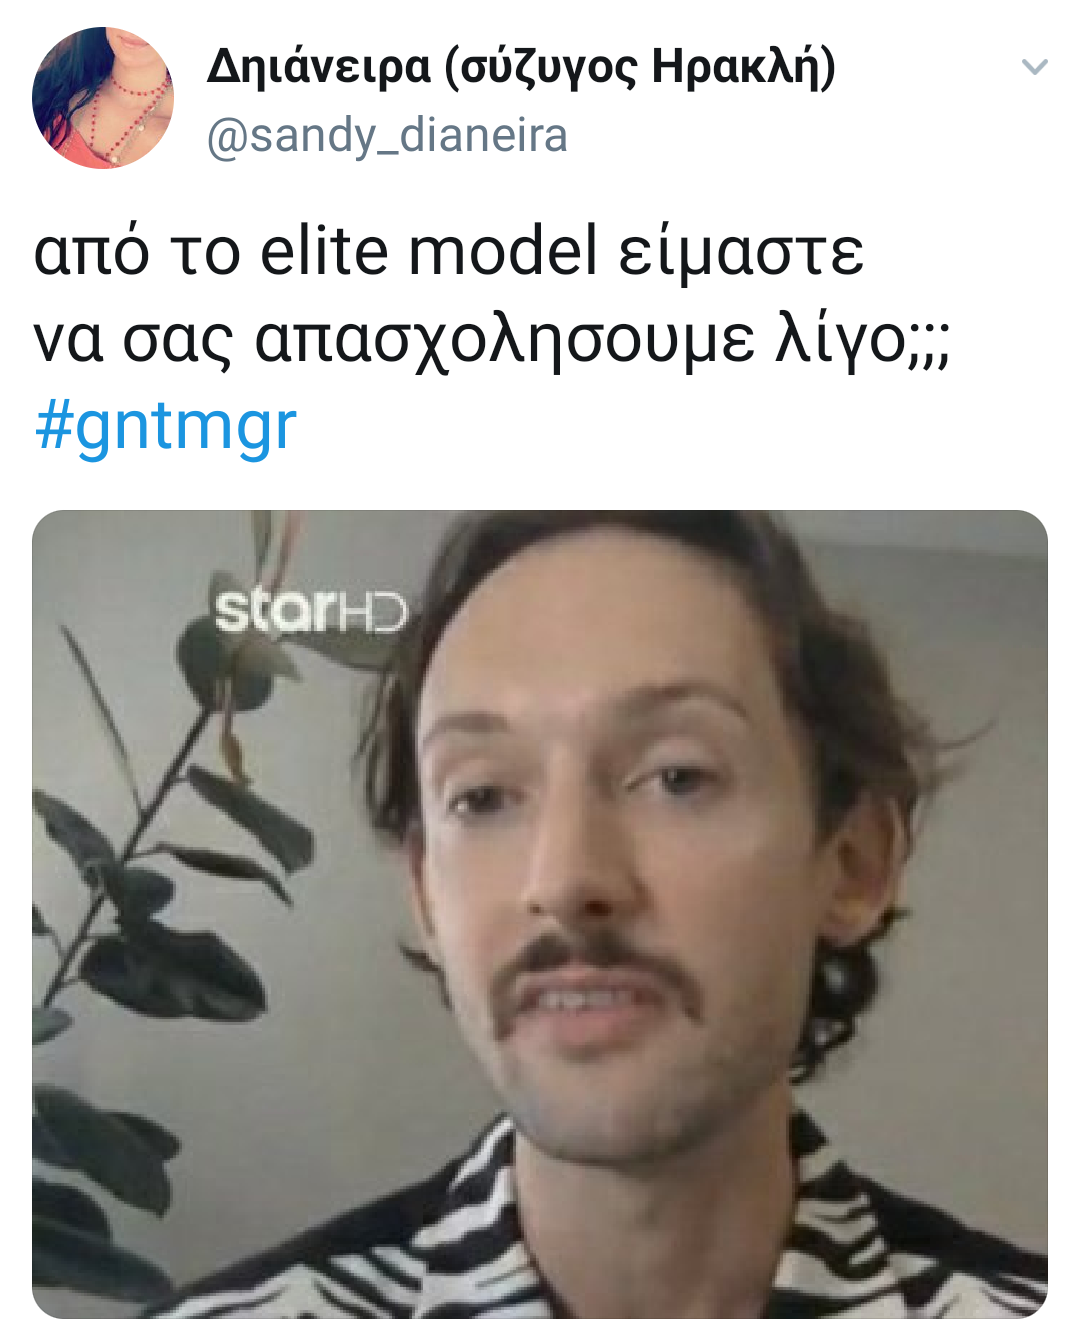 gntm 3 meme